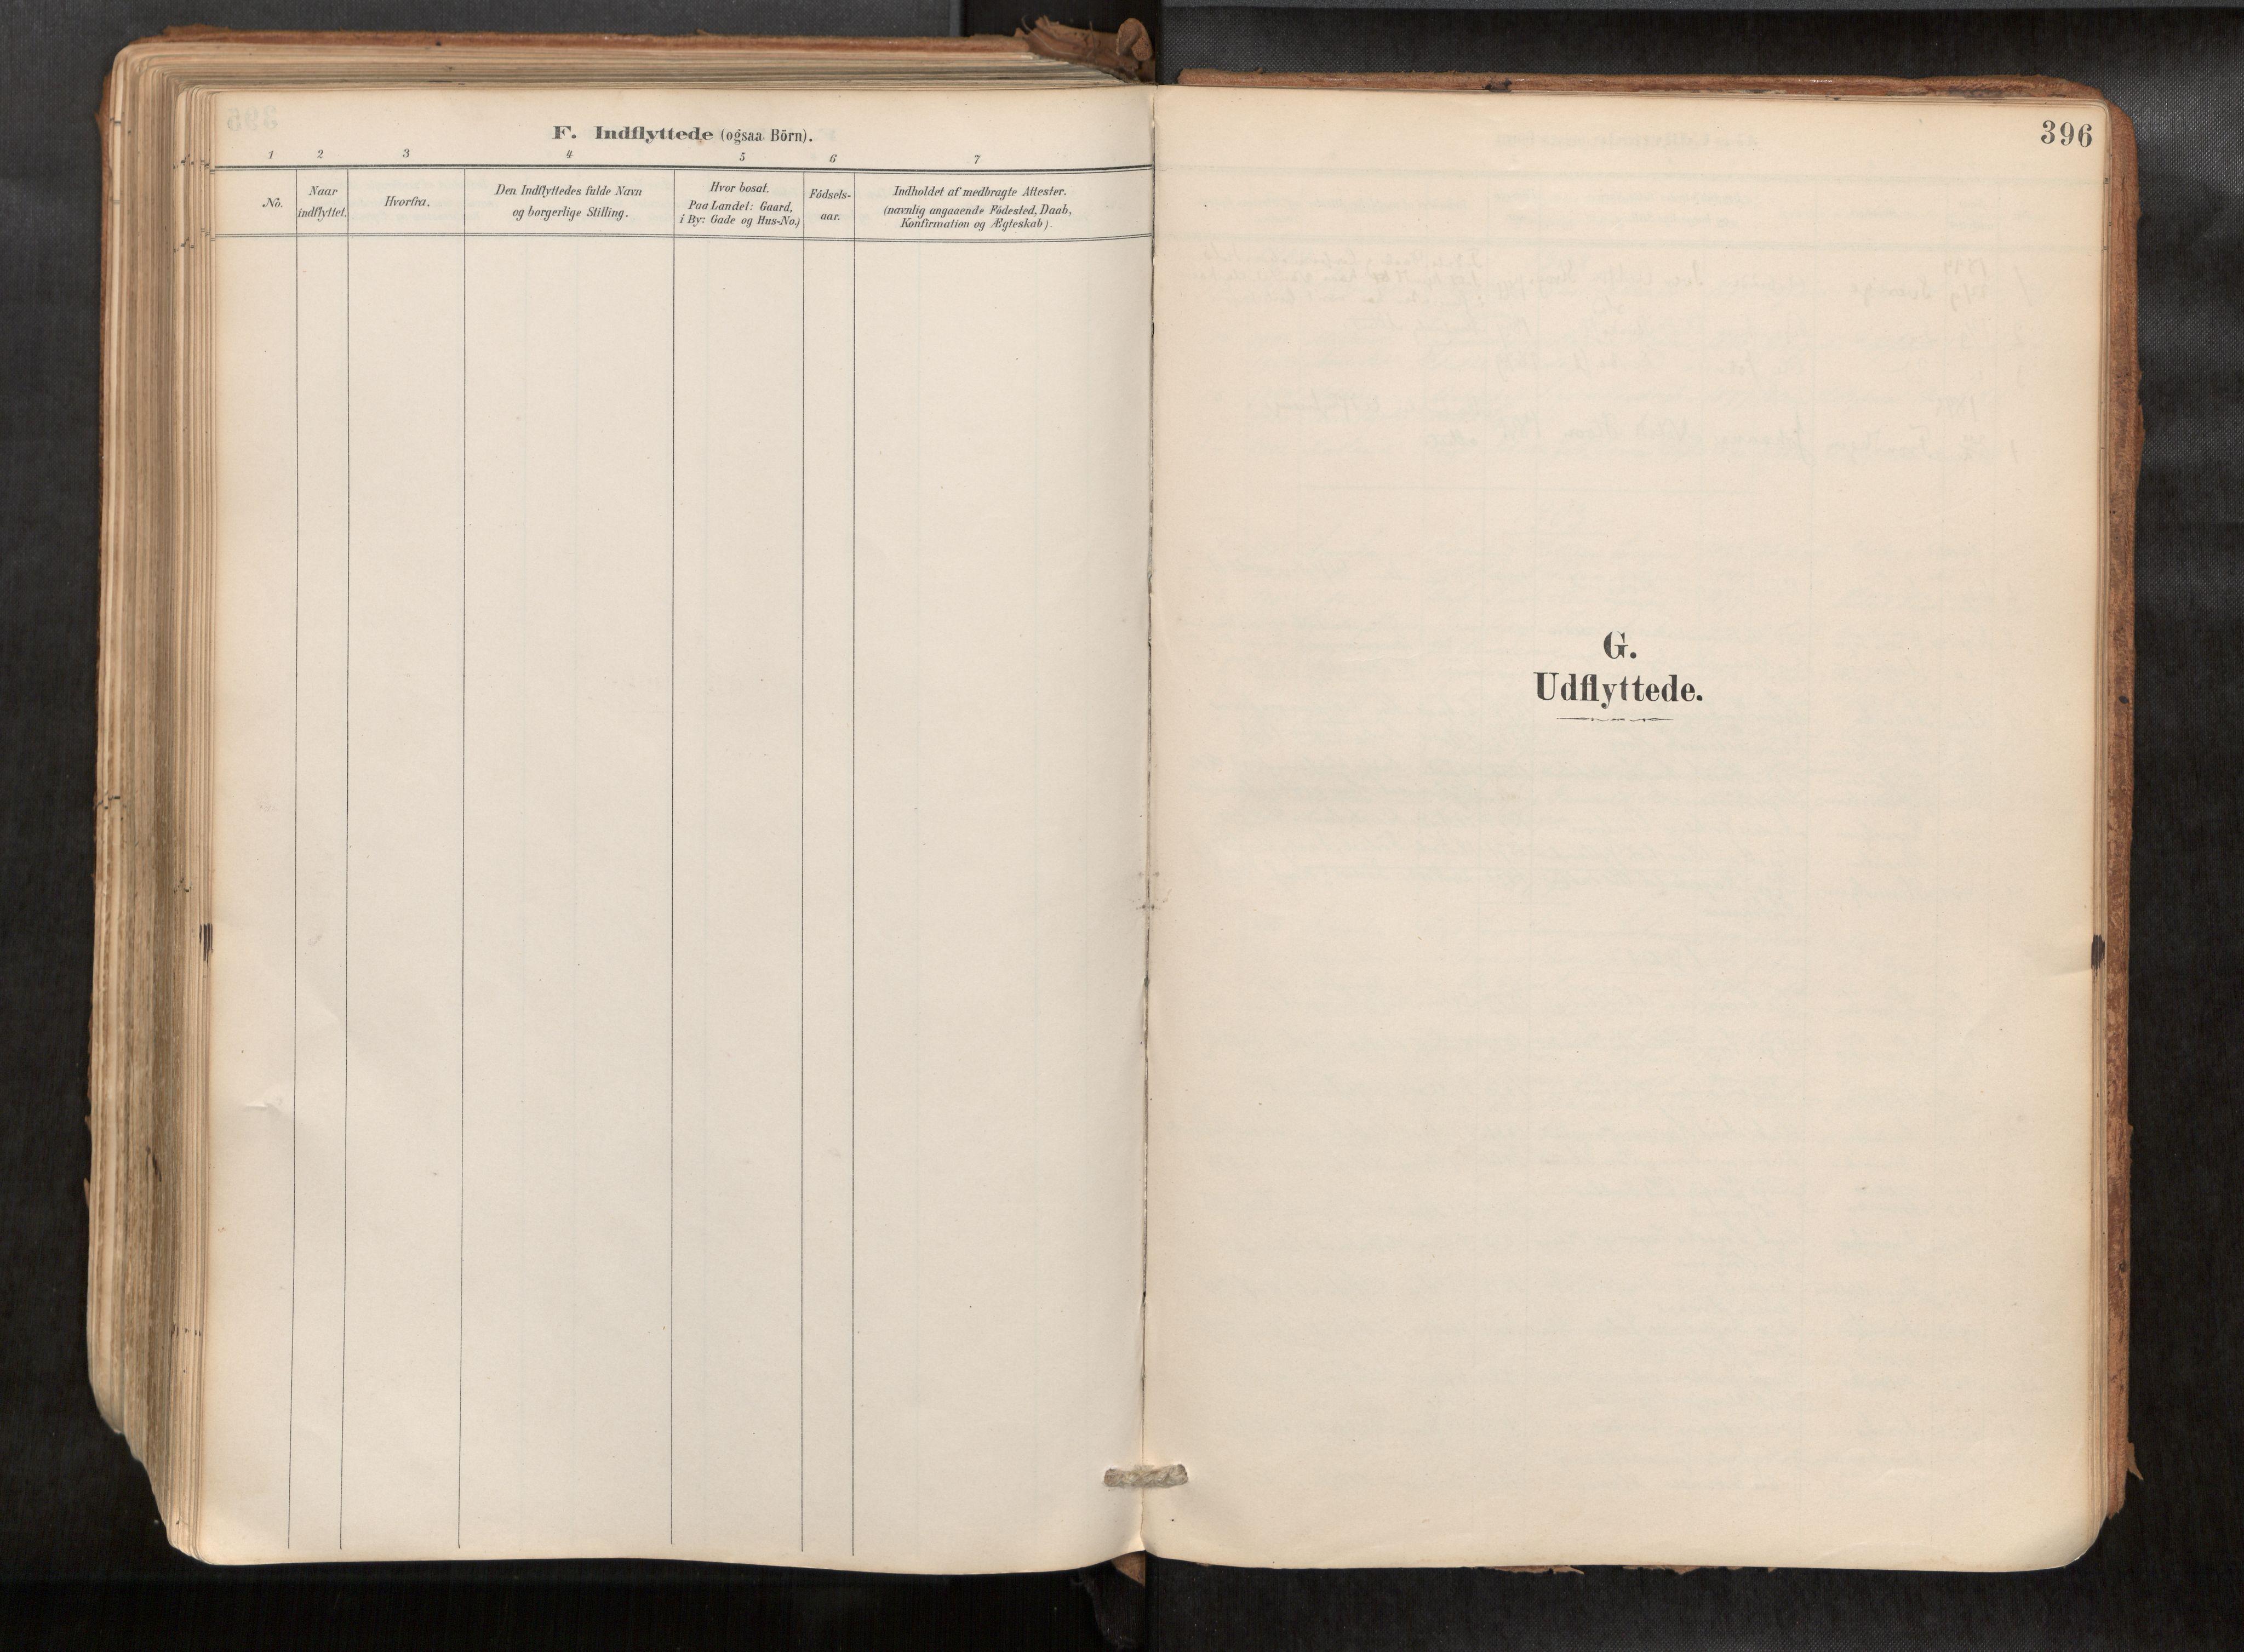 SAT, Ministerialprotokoller, klokkerbøker og fødselsregistre - Sør-Trøndelag, 692/L1105b: Ministerialbok nr. 692A06, 1891-1934, s. 396